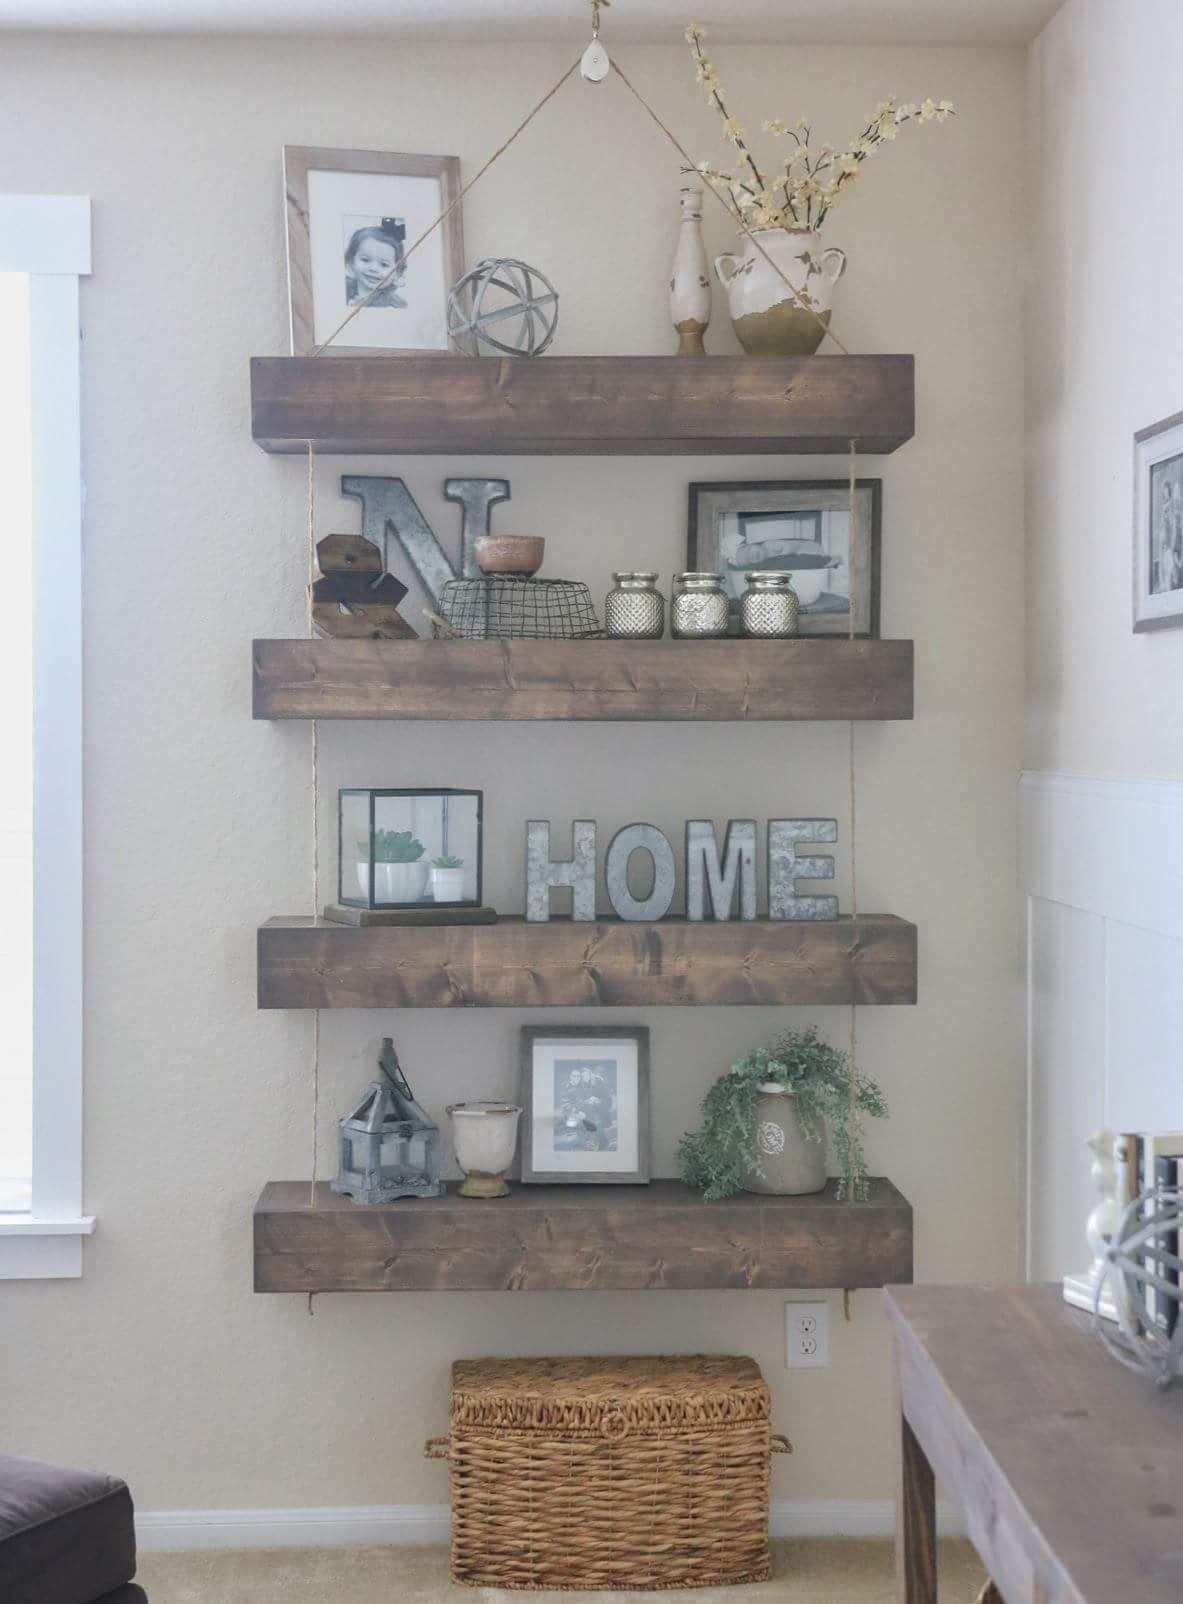 Living Room Shelf Decor, Wall Shelf Decor, Living Room Decor Ideas Grey,  Living